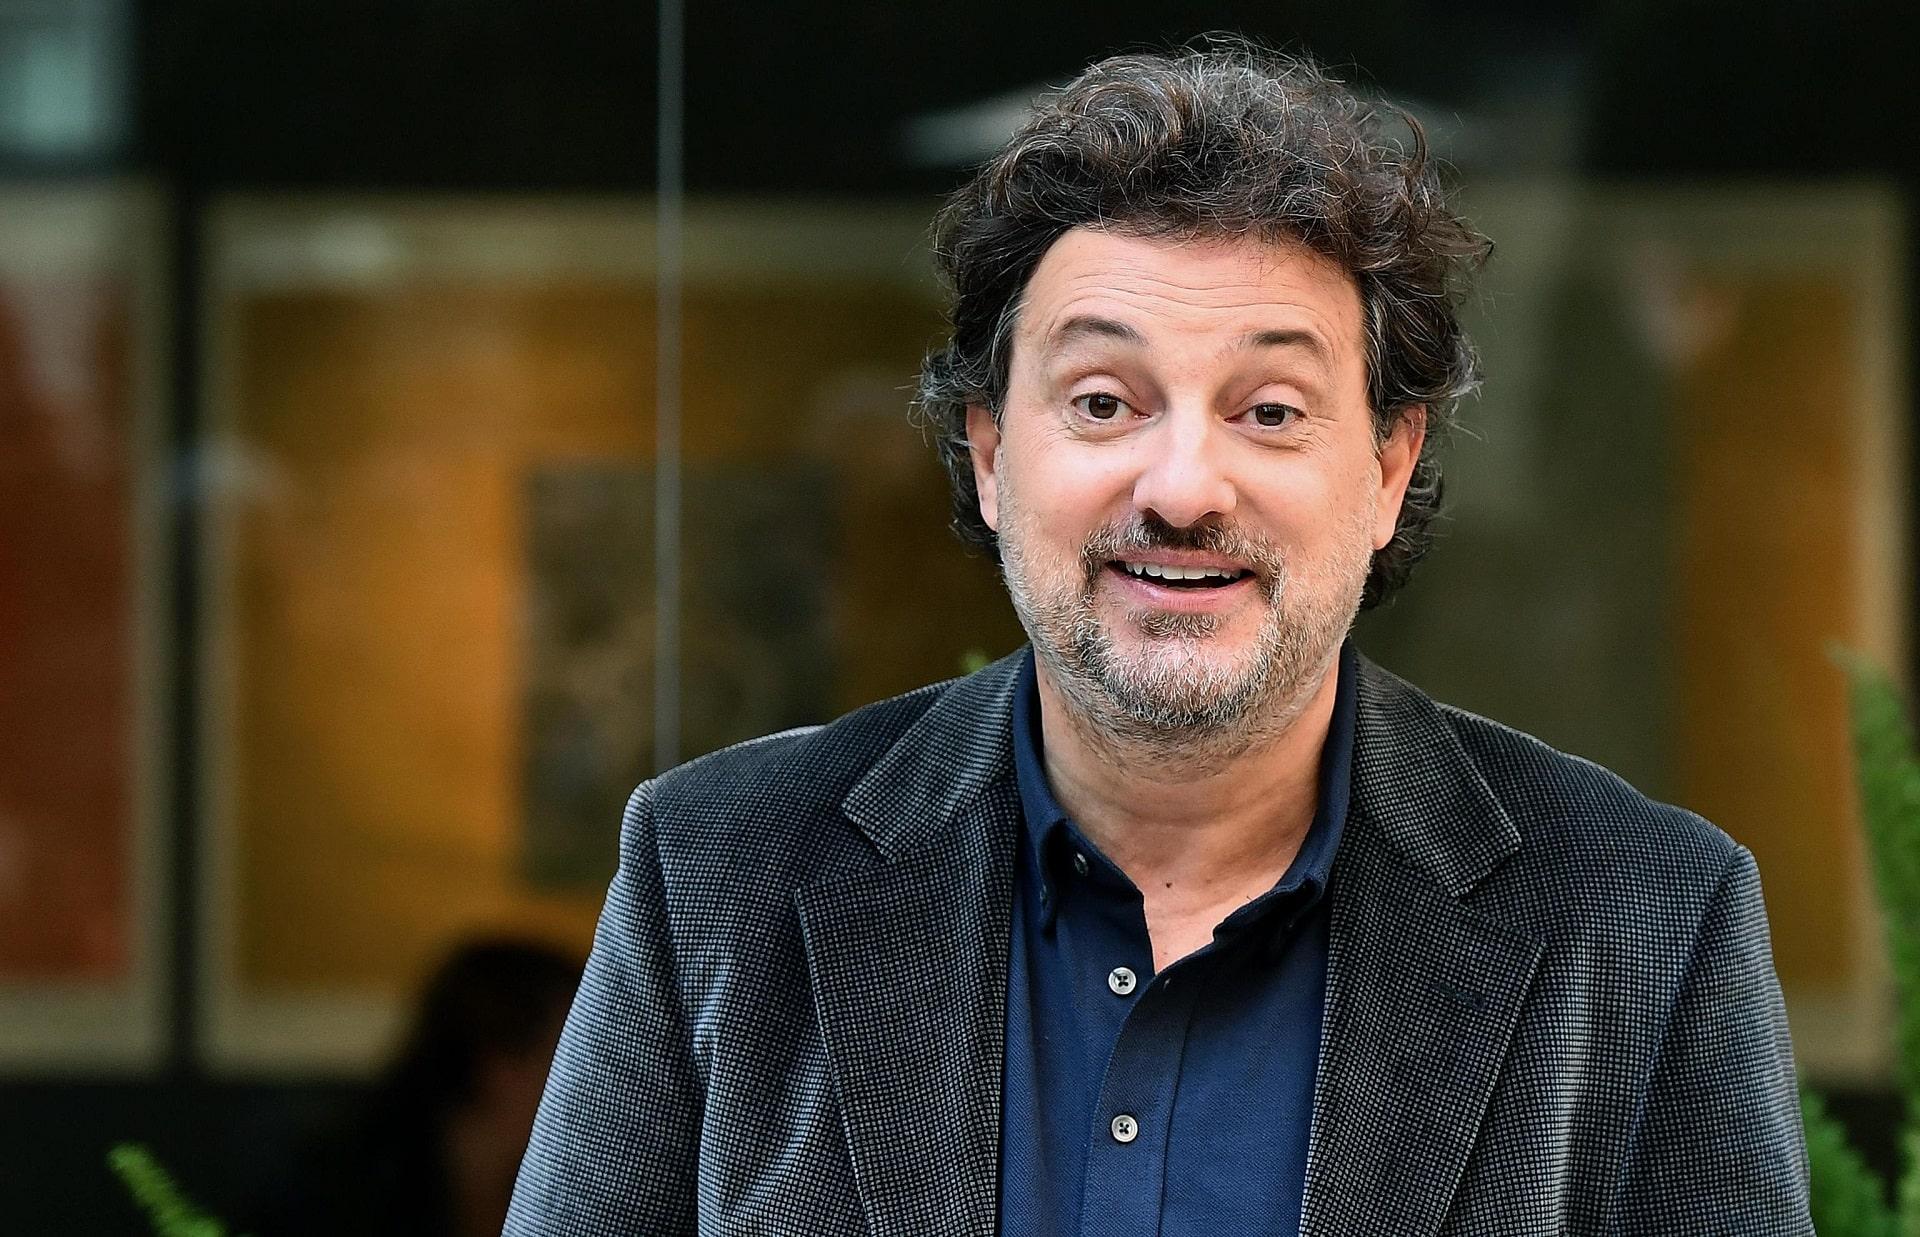 Leonardo Pieraccioni incontra gli allievi di Accademia Artisti